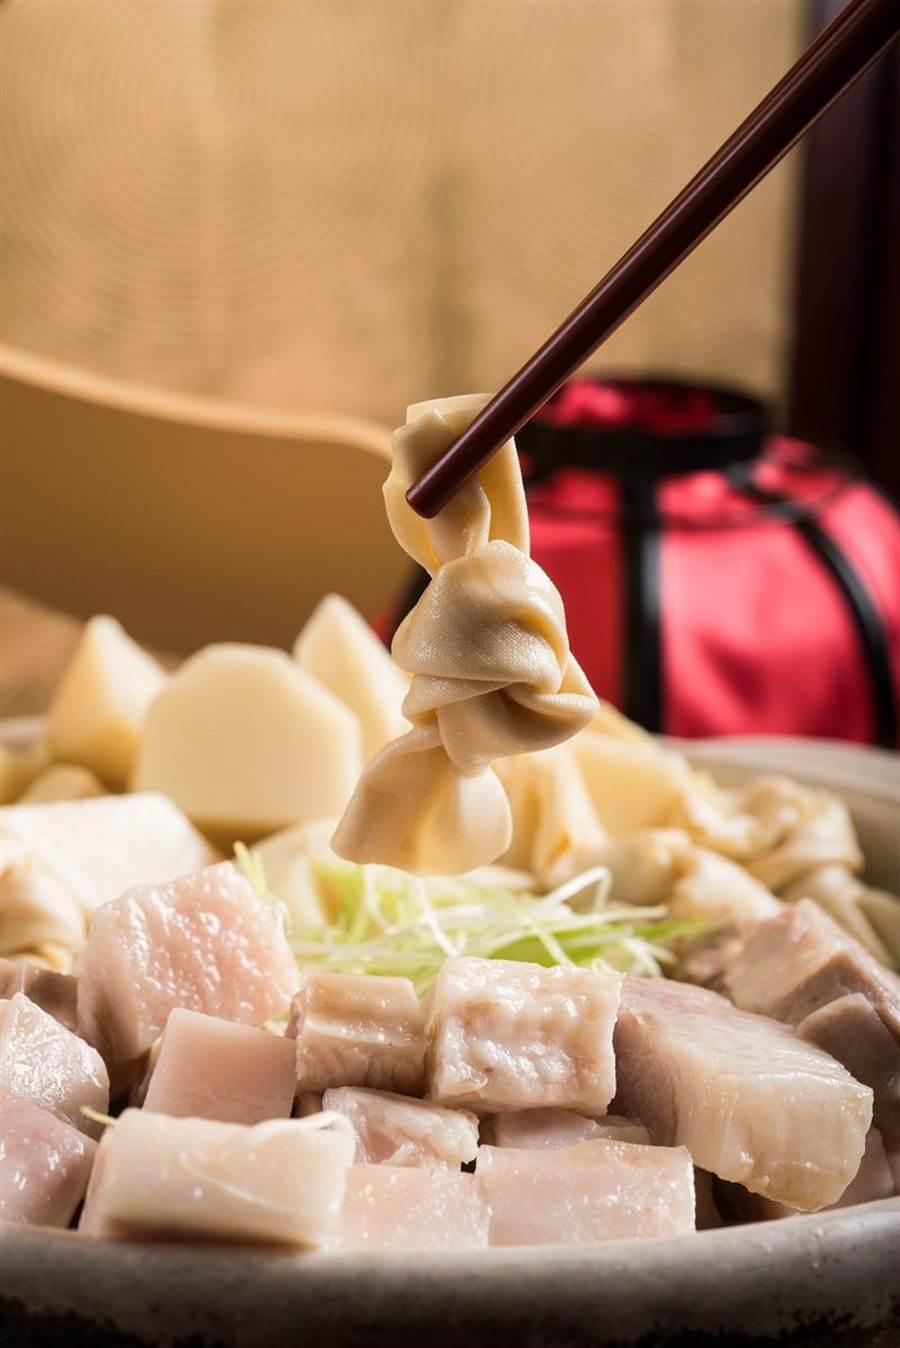 「上海醃篤鮮」有多種吃法,可輕鬆變身煲湯、火鍋、湯麵料理。(圖/六福旅遊集團)